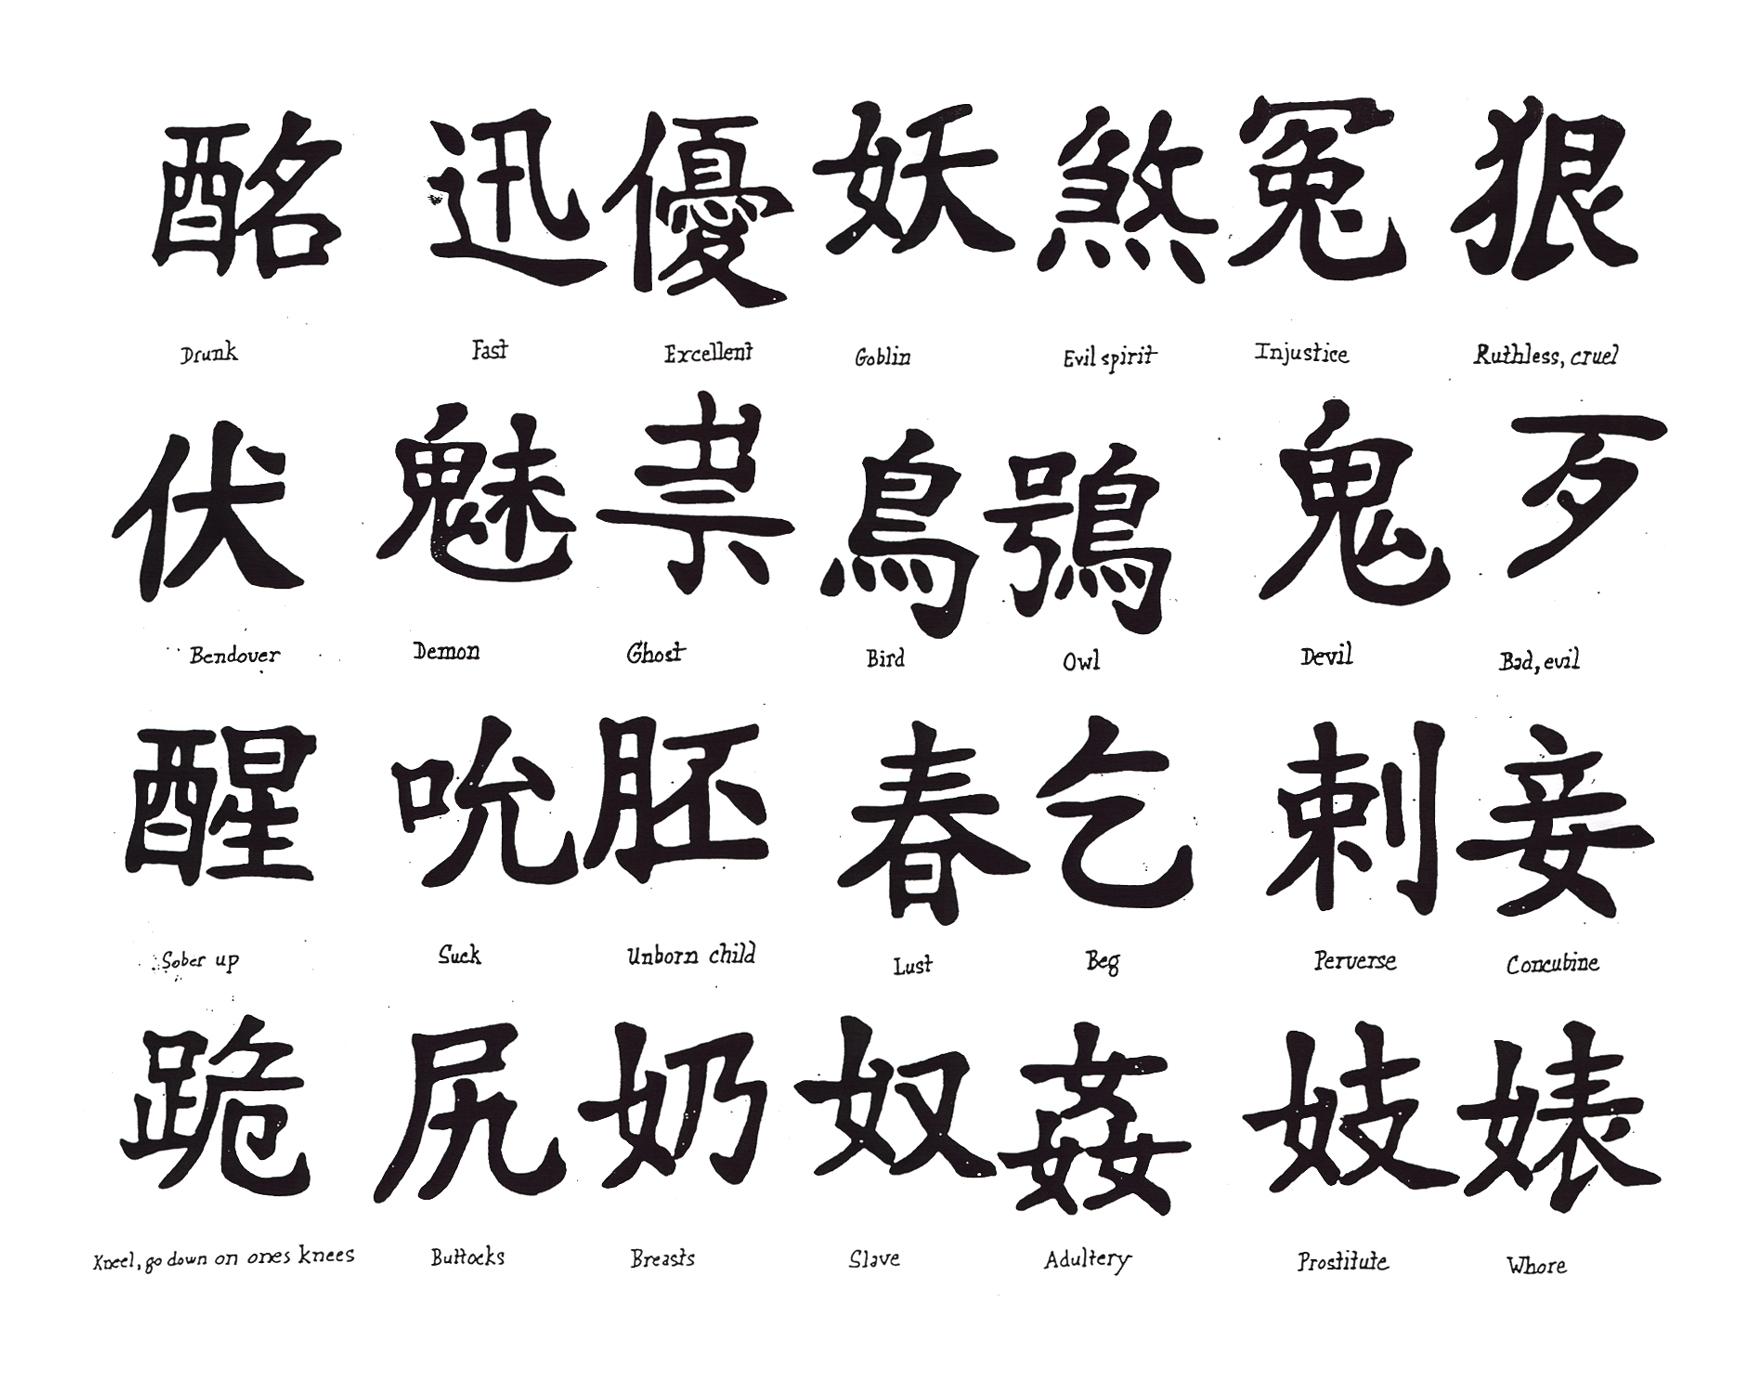 Smbolos Y Dibujos Chinos Diversos Para Diseos Y Tatuajes